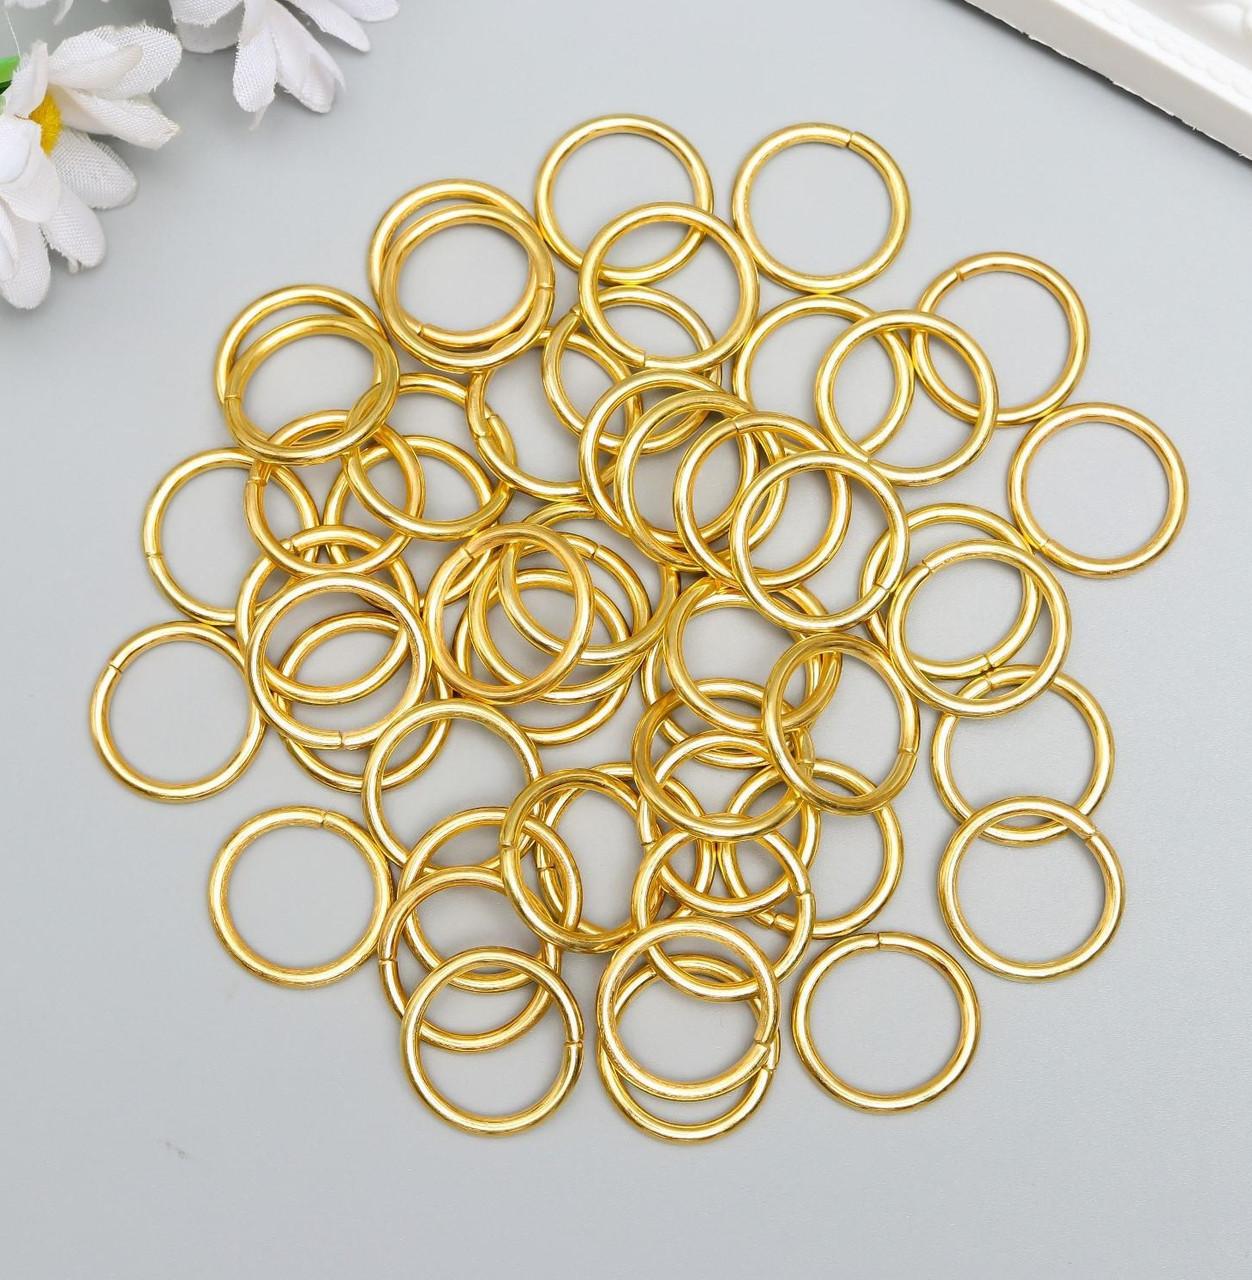 Соединительное кольцо металл золото 2,2х2,2 см набор 50 шт